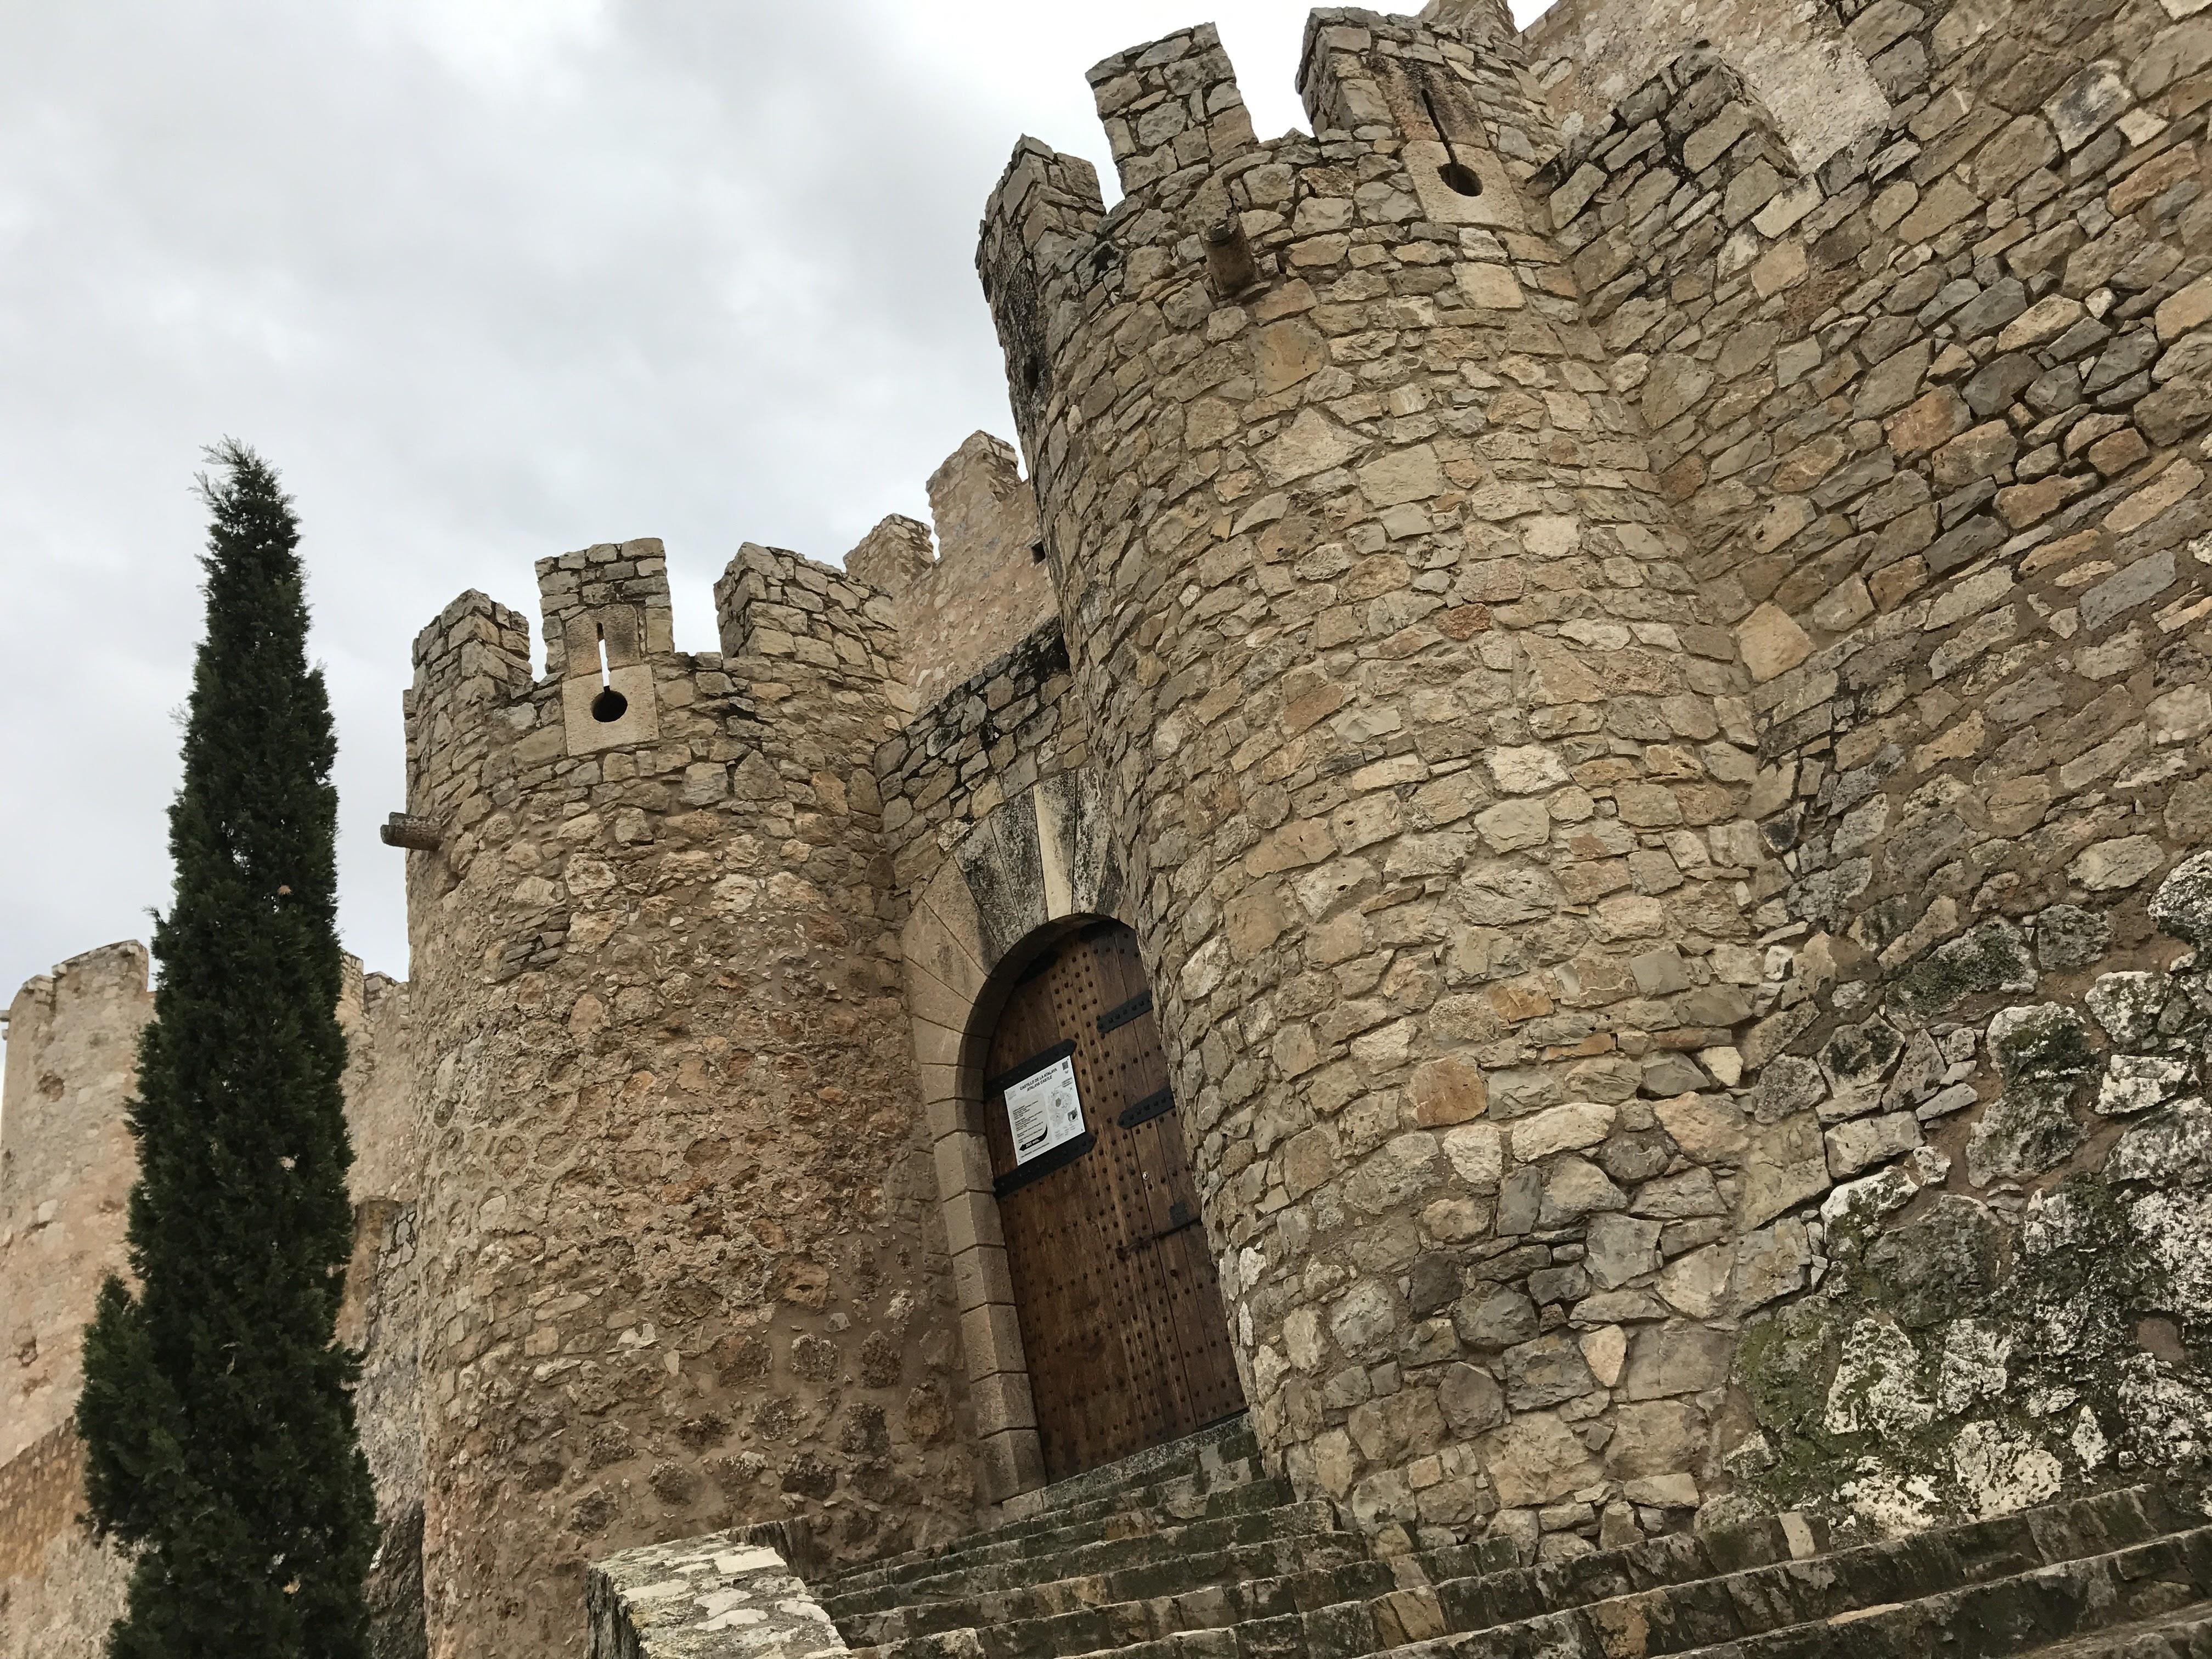 Ruta de los castillos de Alicante (España)